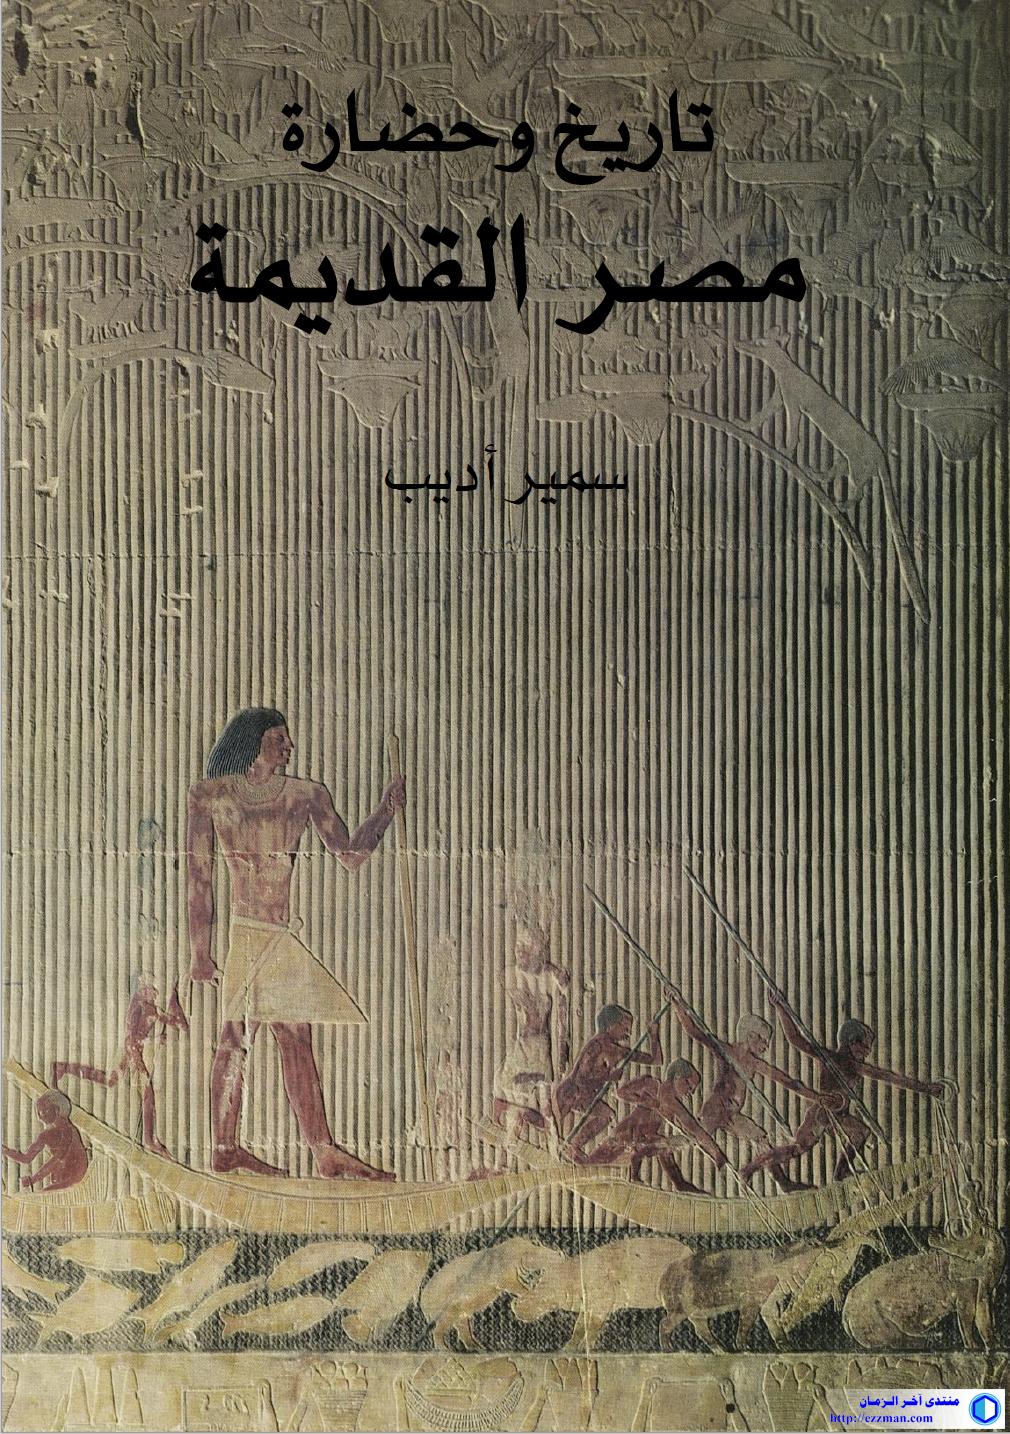 تاريخ وحضارة القديمة